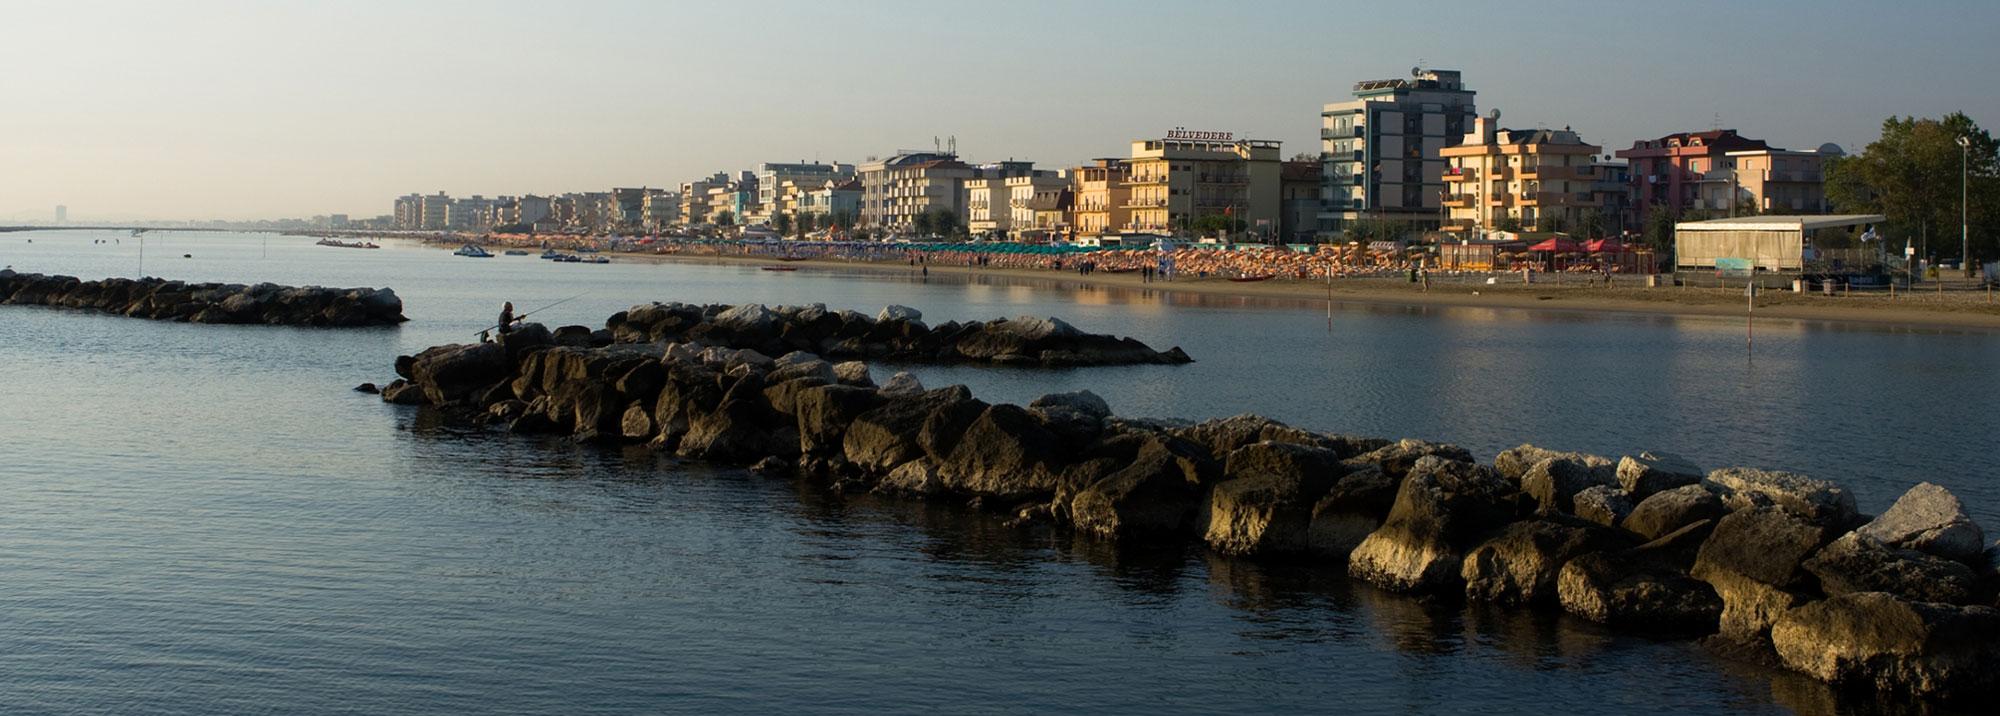 Hotel Lido Cattolica Foto spiaggia mare